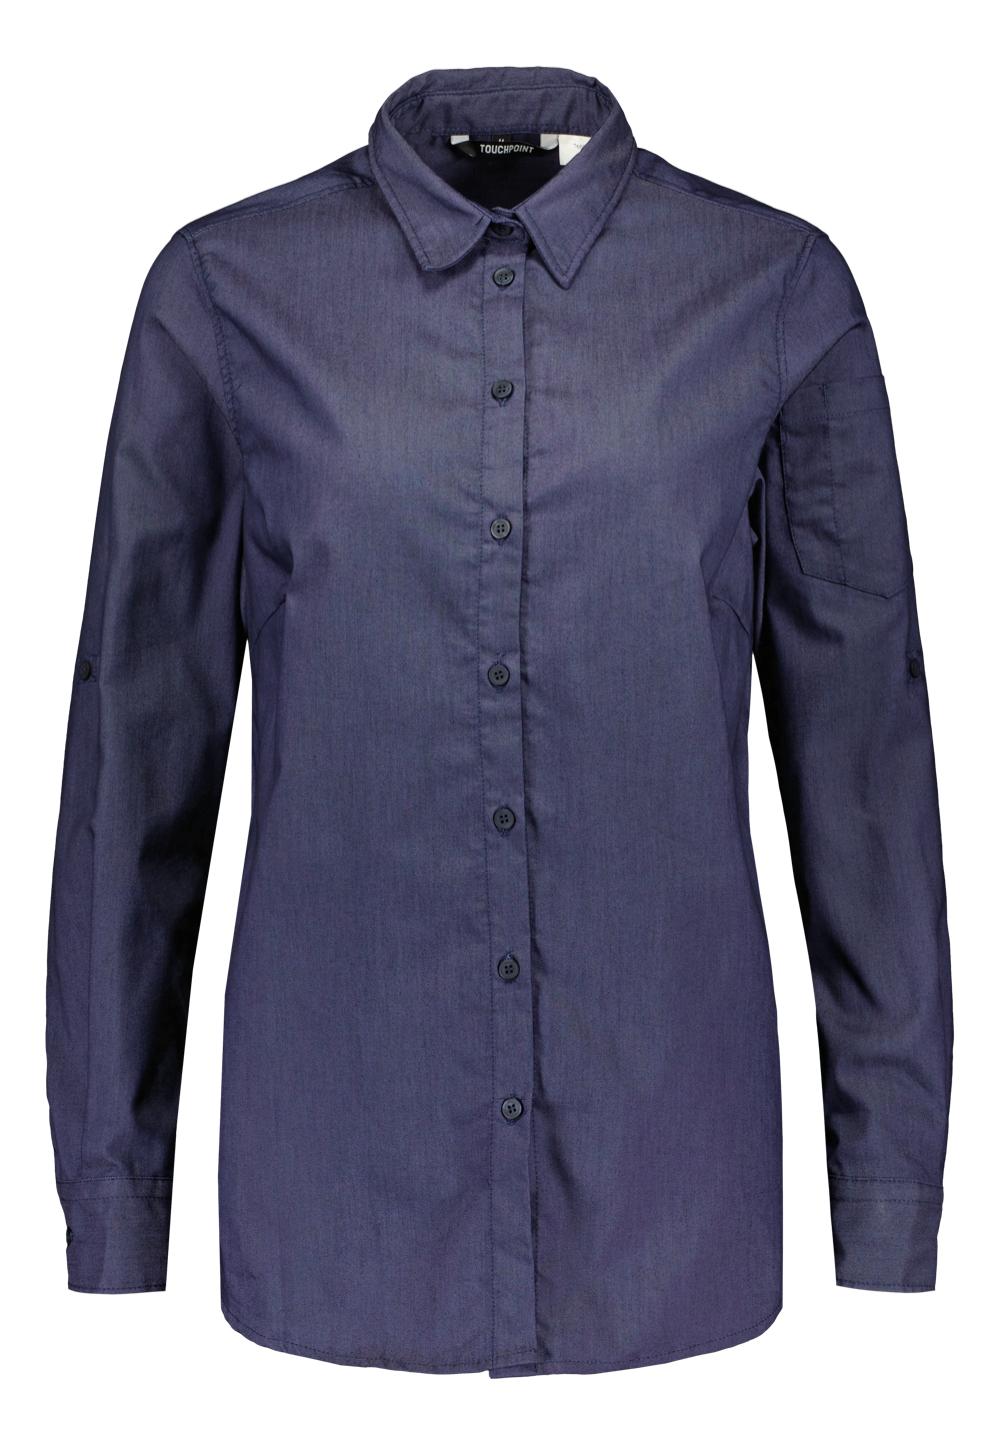 Tiina naisten paitapusero, sininen